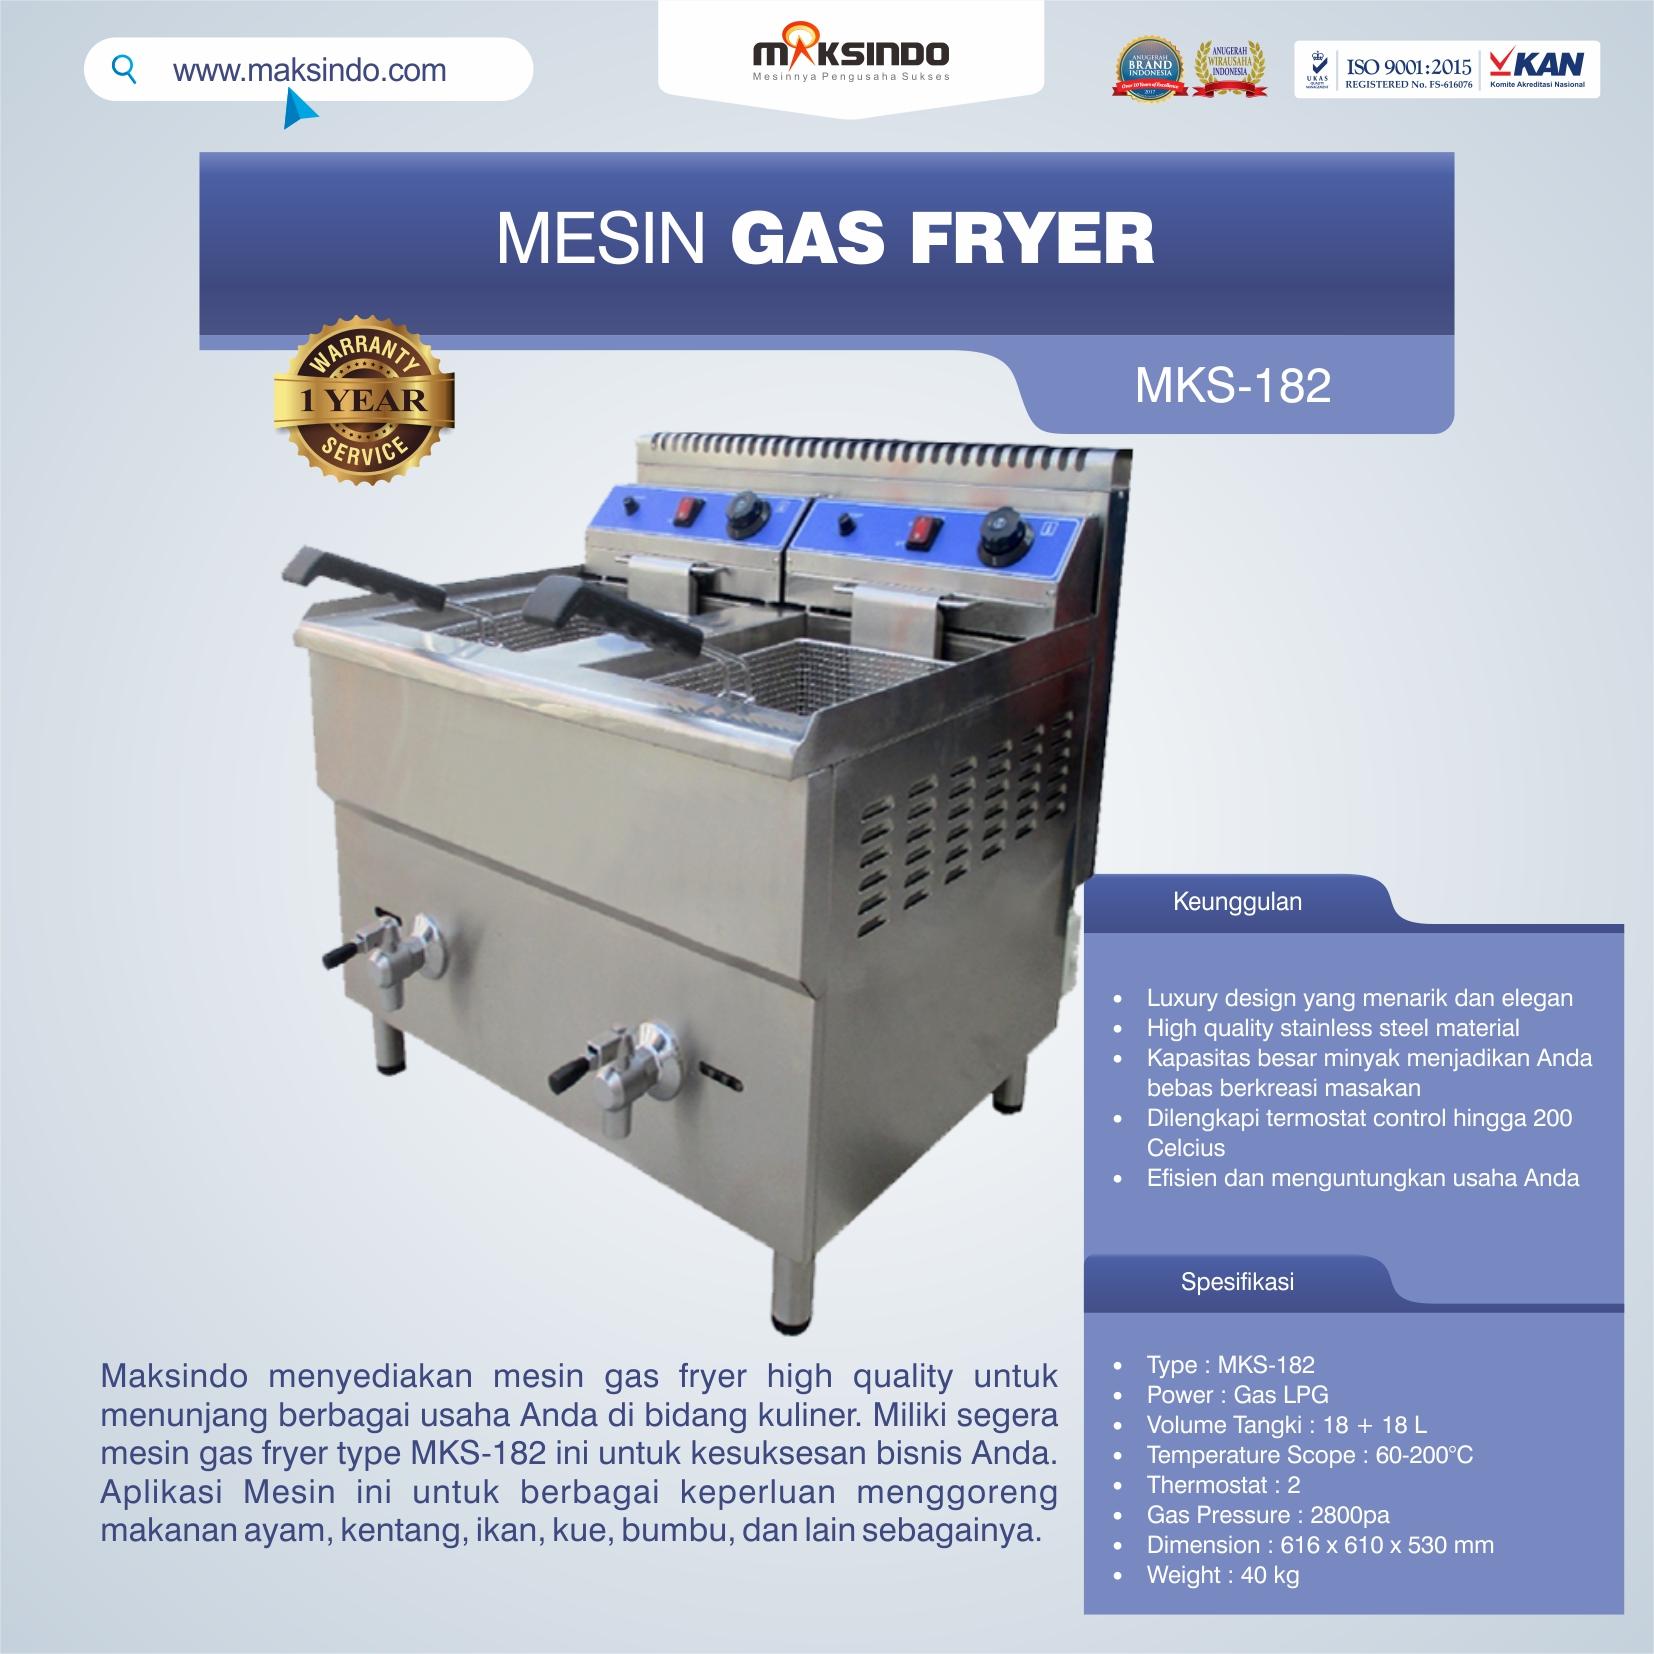 Jual Mesin Gas Fryer MKS-182 di Pekanbaru